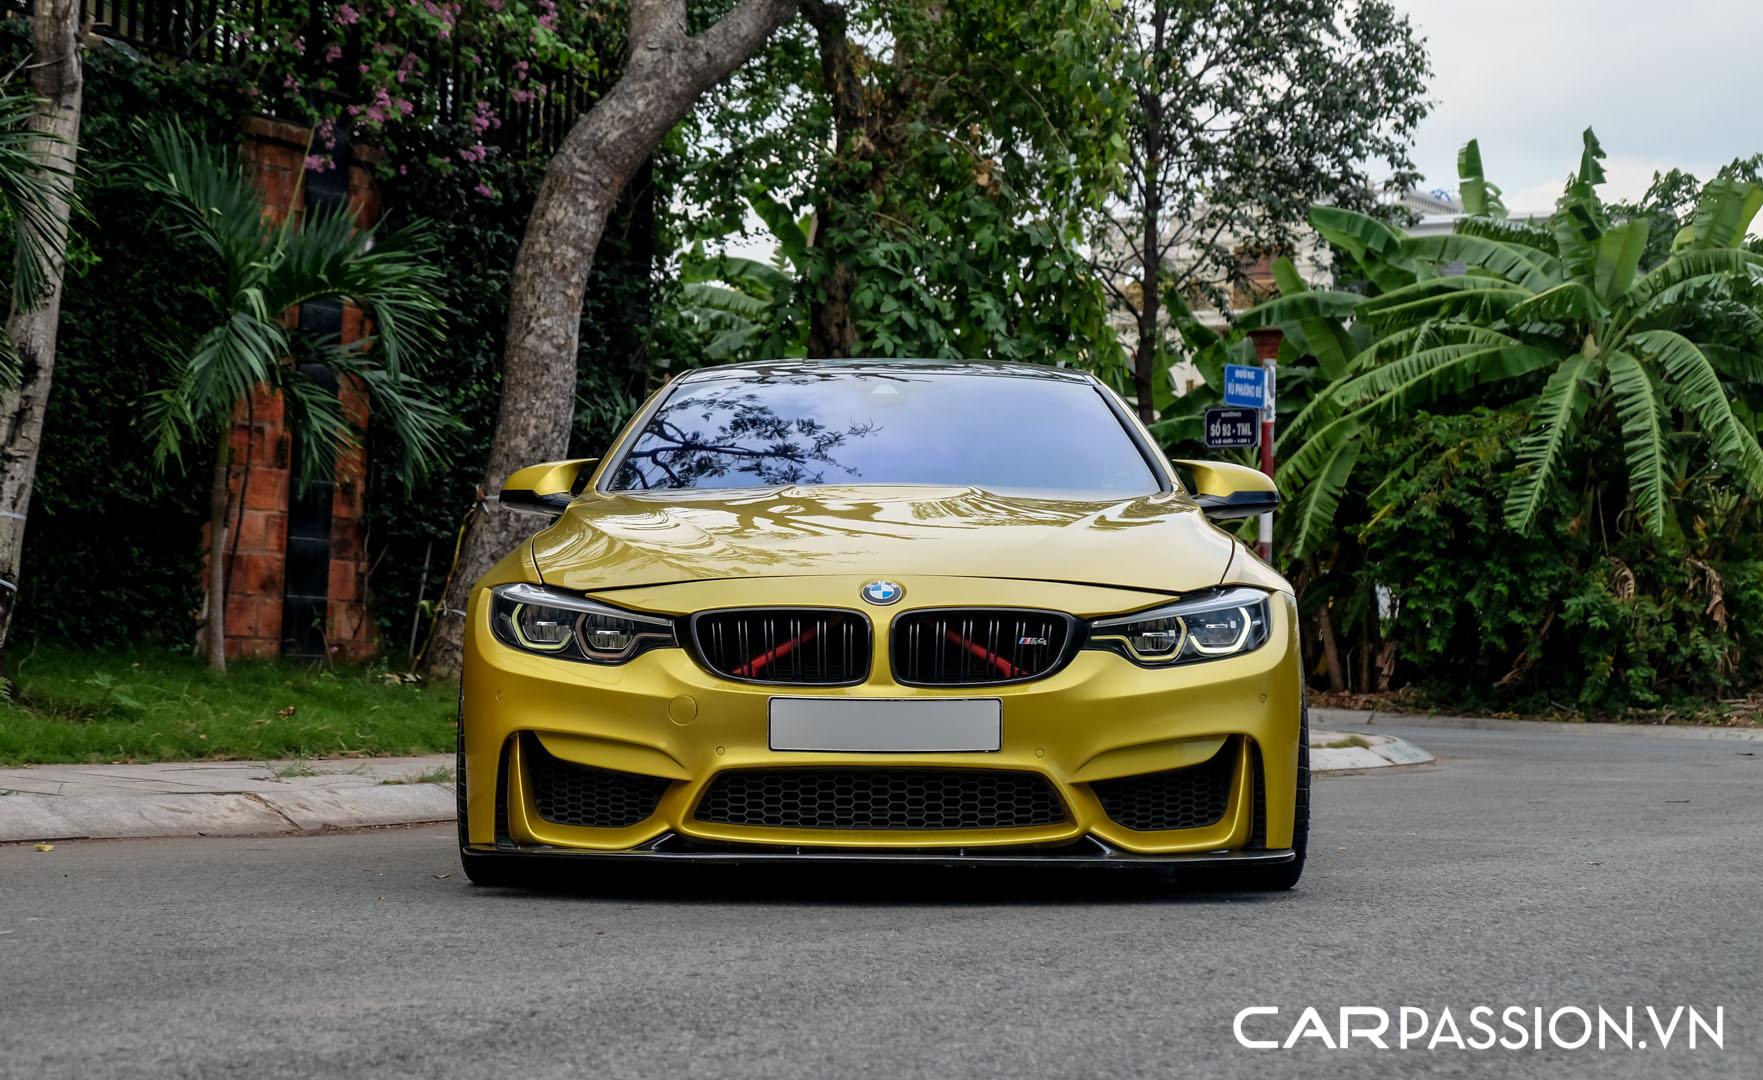 CP-BMW M4 F8 được rao bán (11).jpg